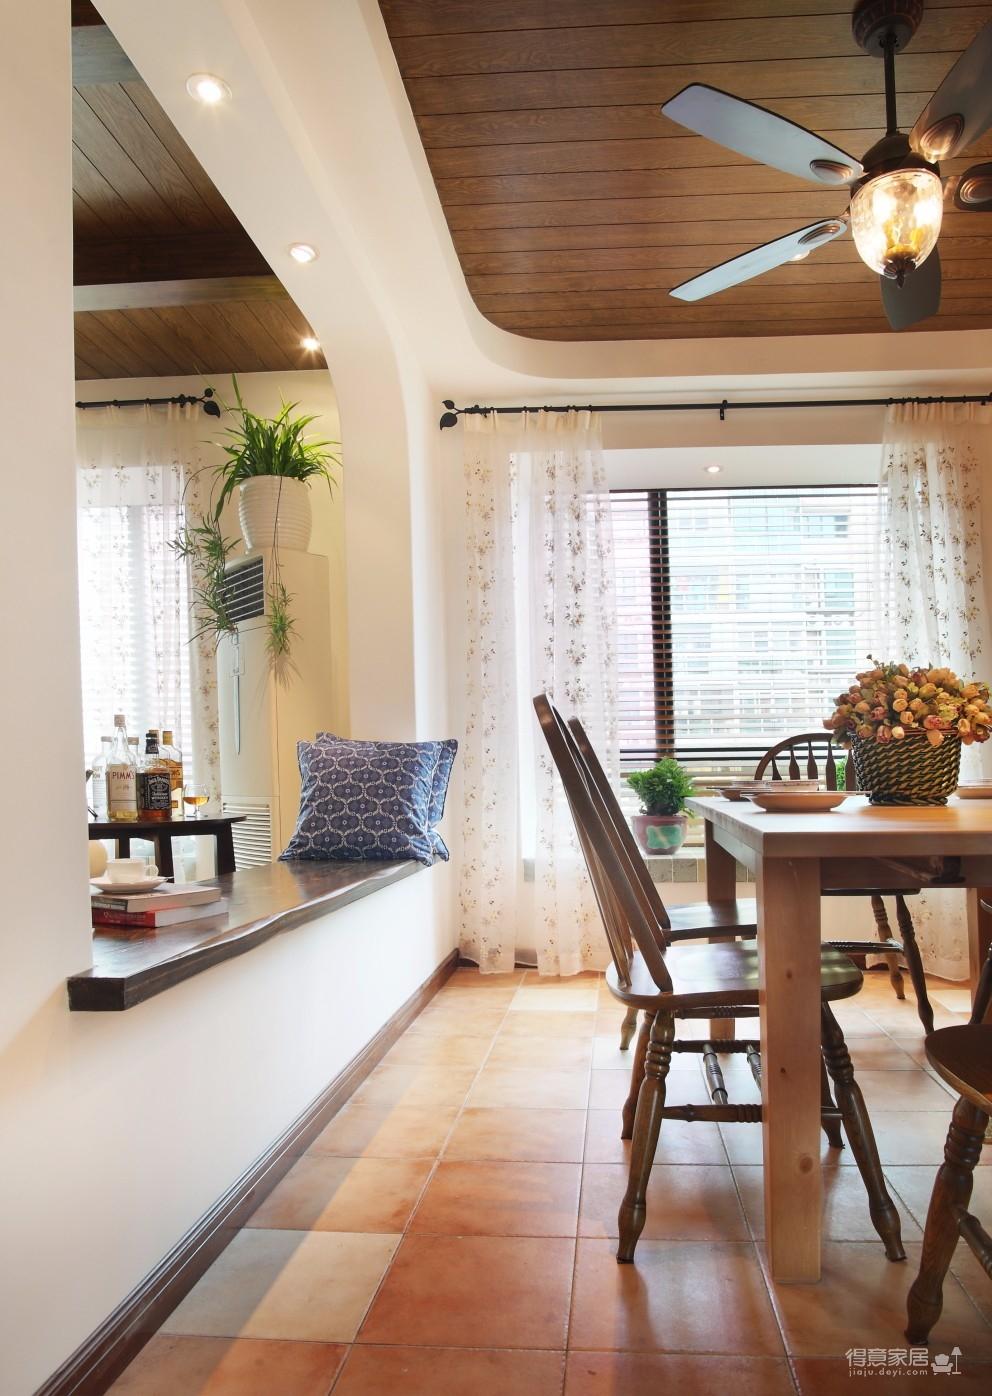 精选案例-地中海风格客厅餐厅展示图_5